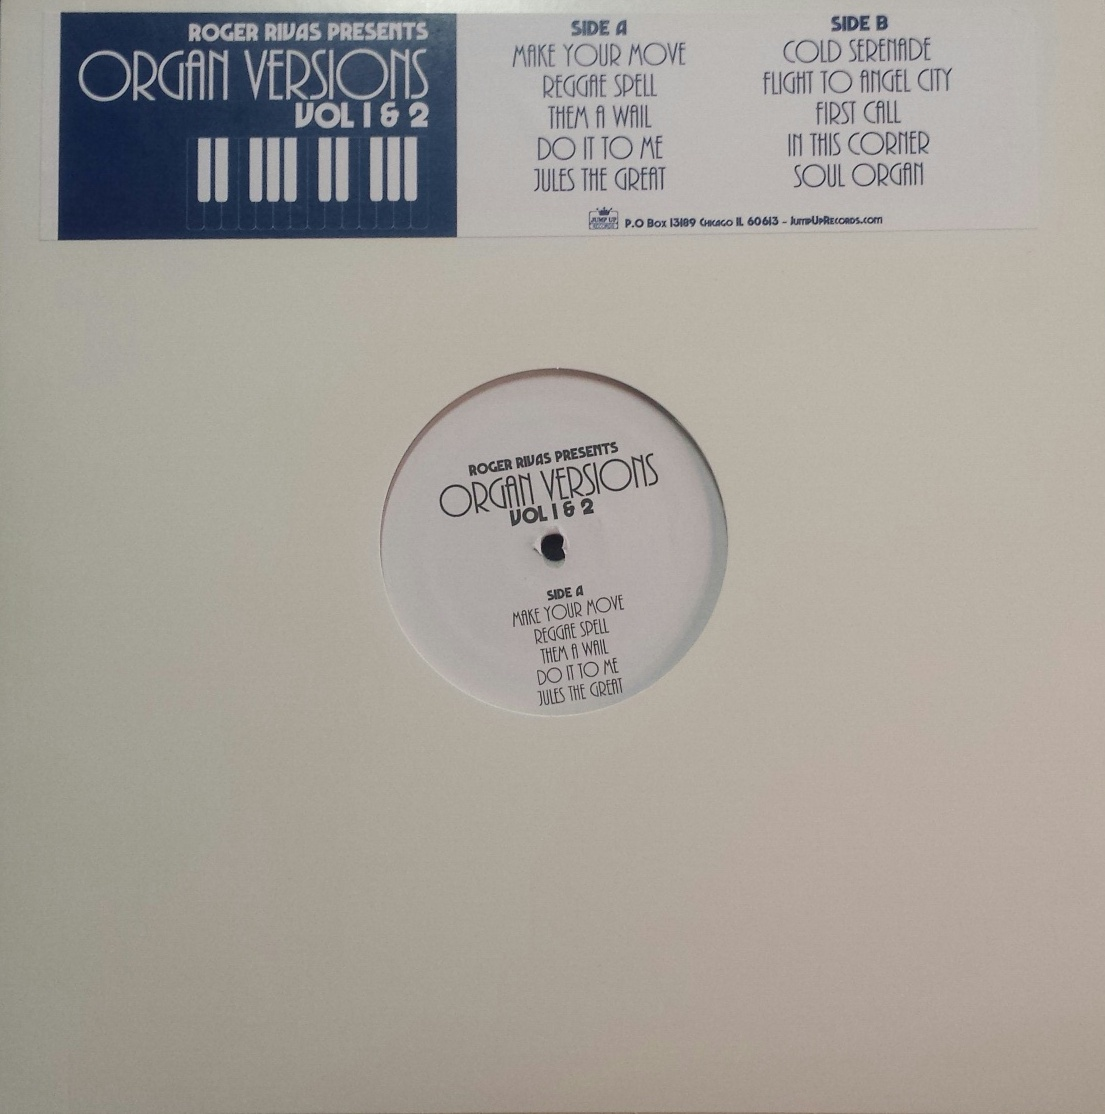 Roger Rivas(Aggrolites)/ORGAN VER 1&2 LP